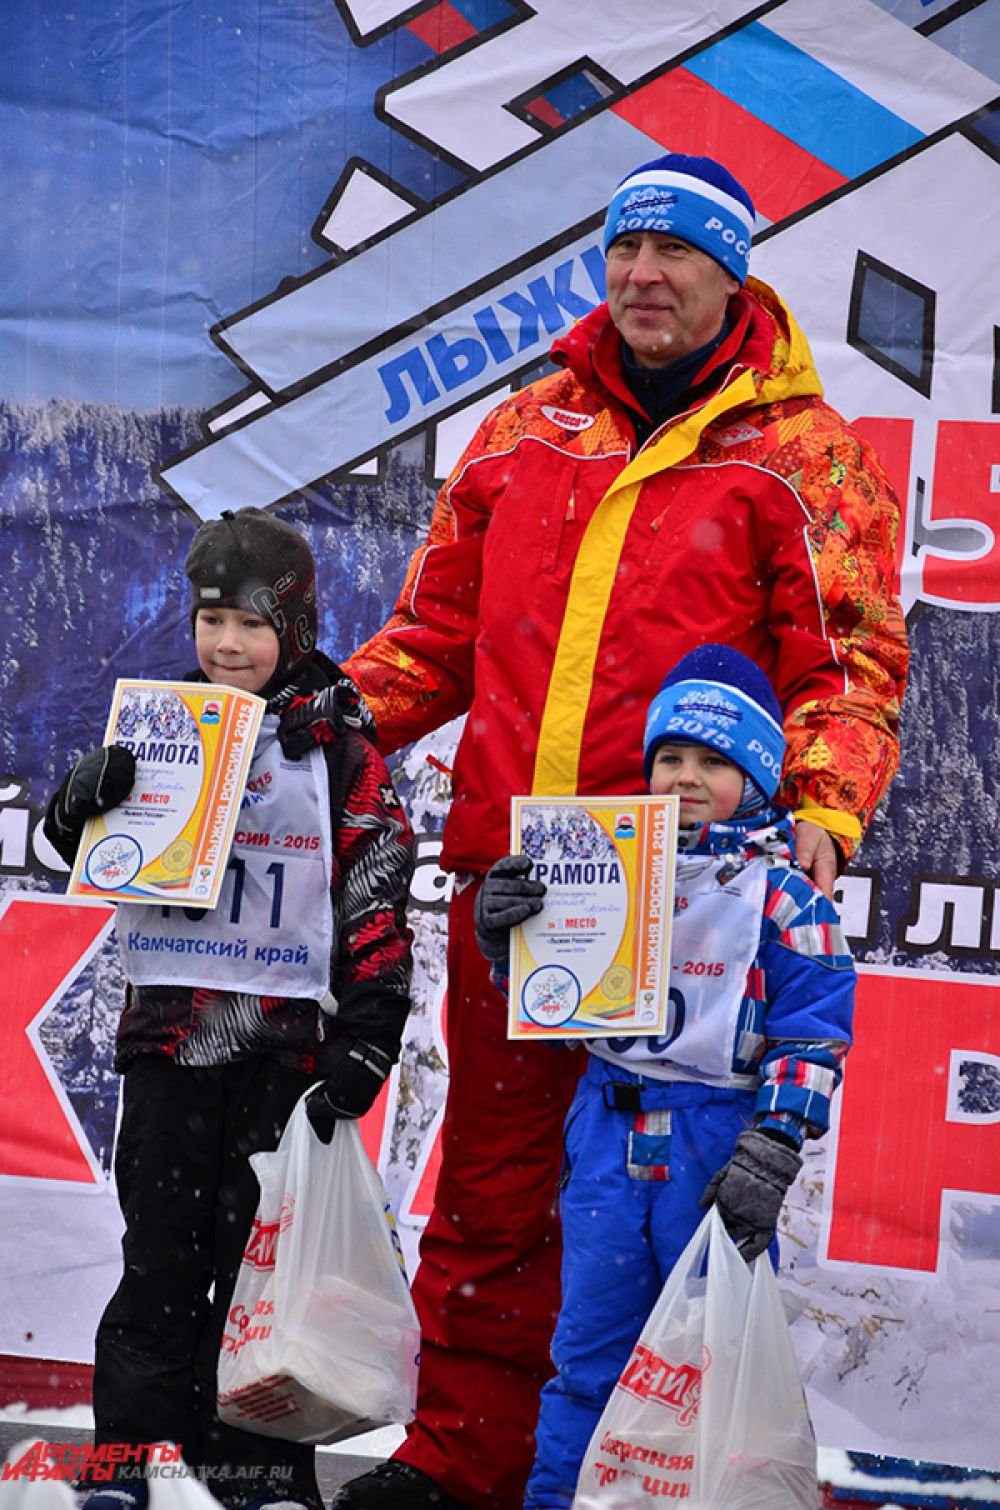 И мальчишки не отстают. Слева - Артем Чугунов, победитель гонки на 1000 м.